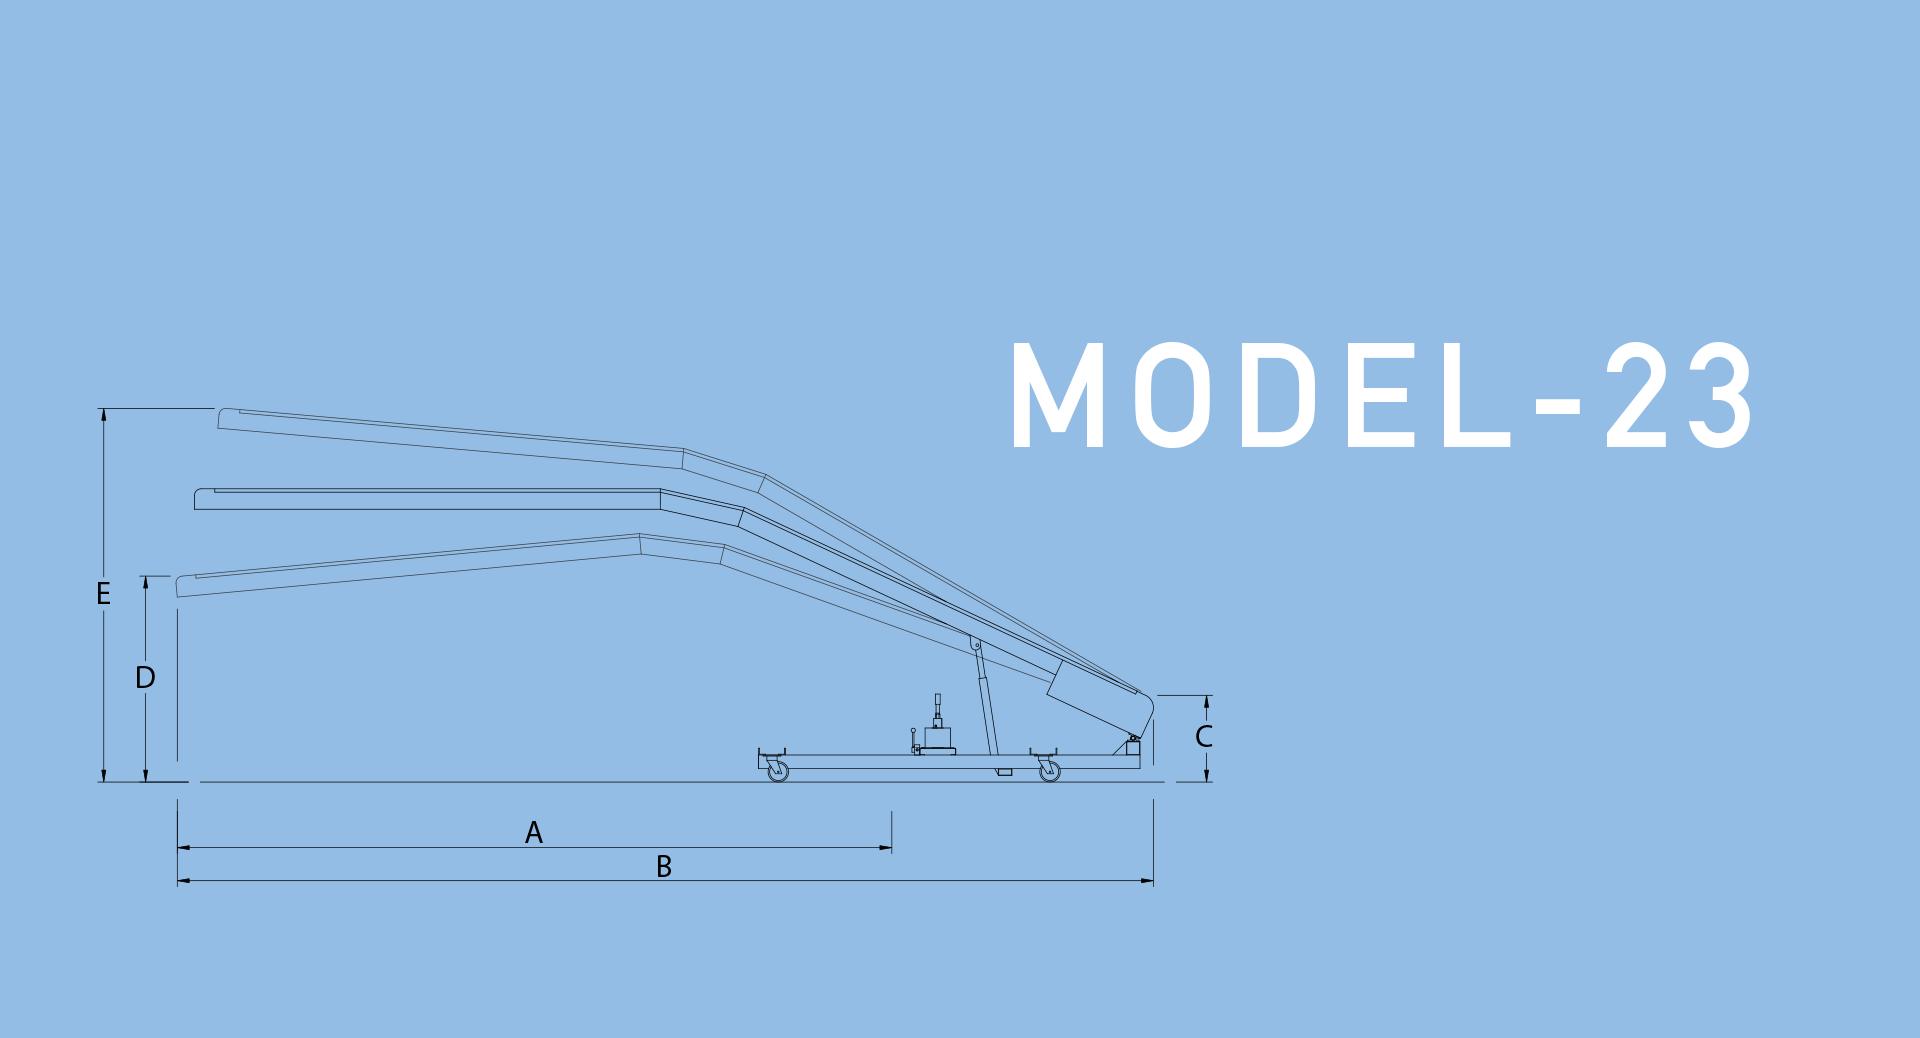 model 23 conveyor